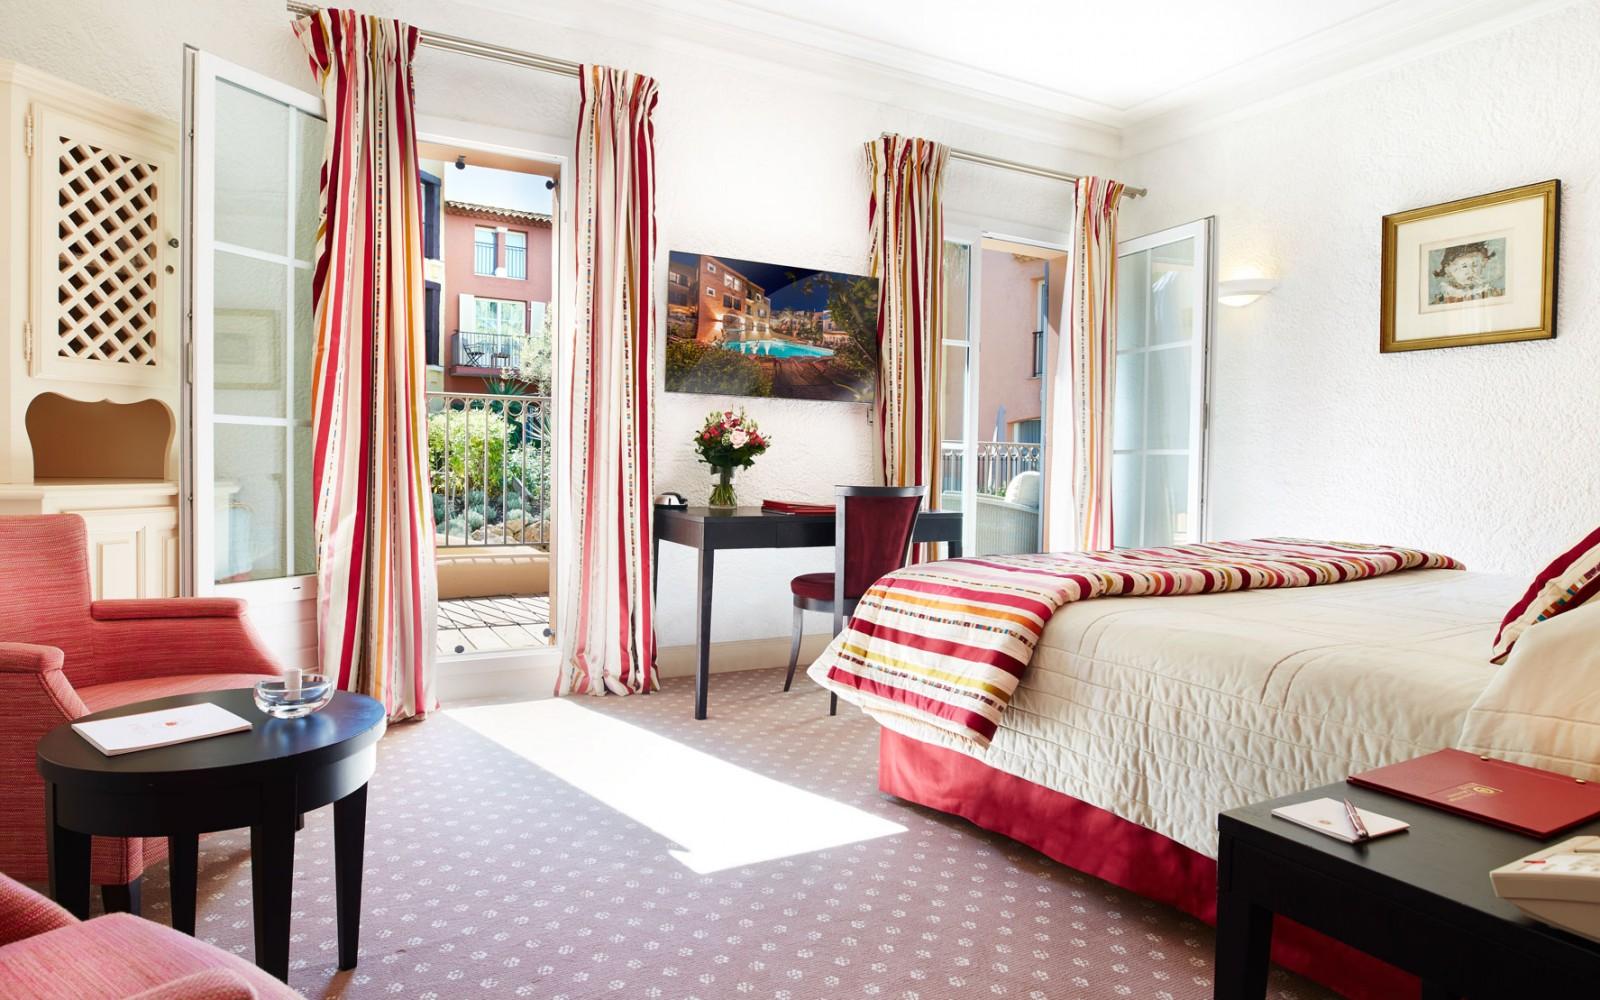 Hotel_Byblos_Saint-Tropez_Classic-Double-Room-141-1